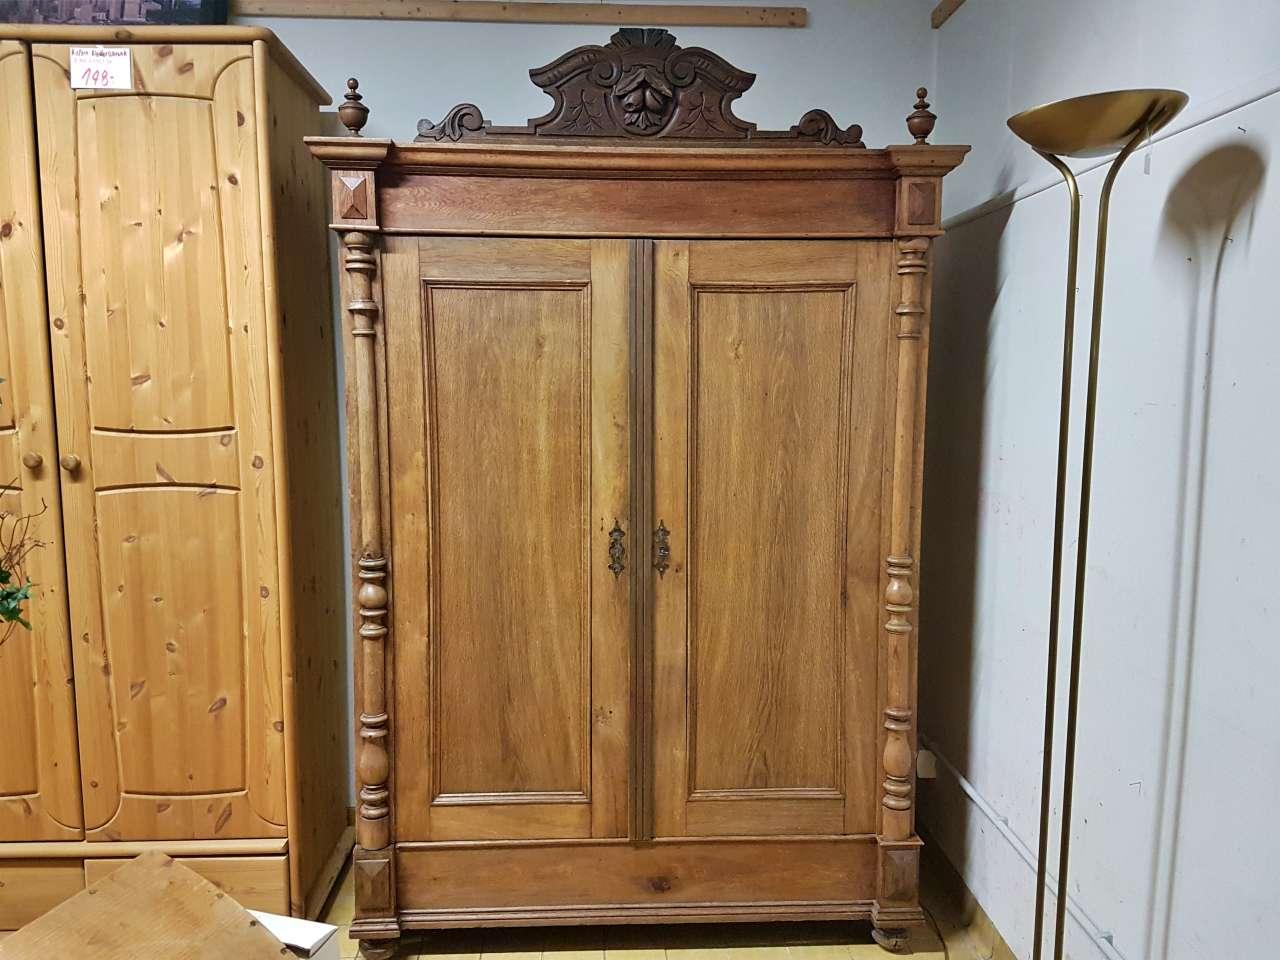 Kleiderschrank Gründerzeitstil Holz massiv